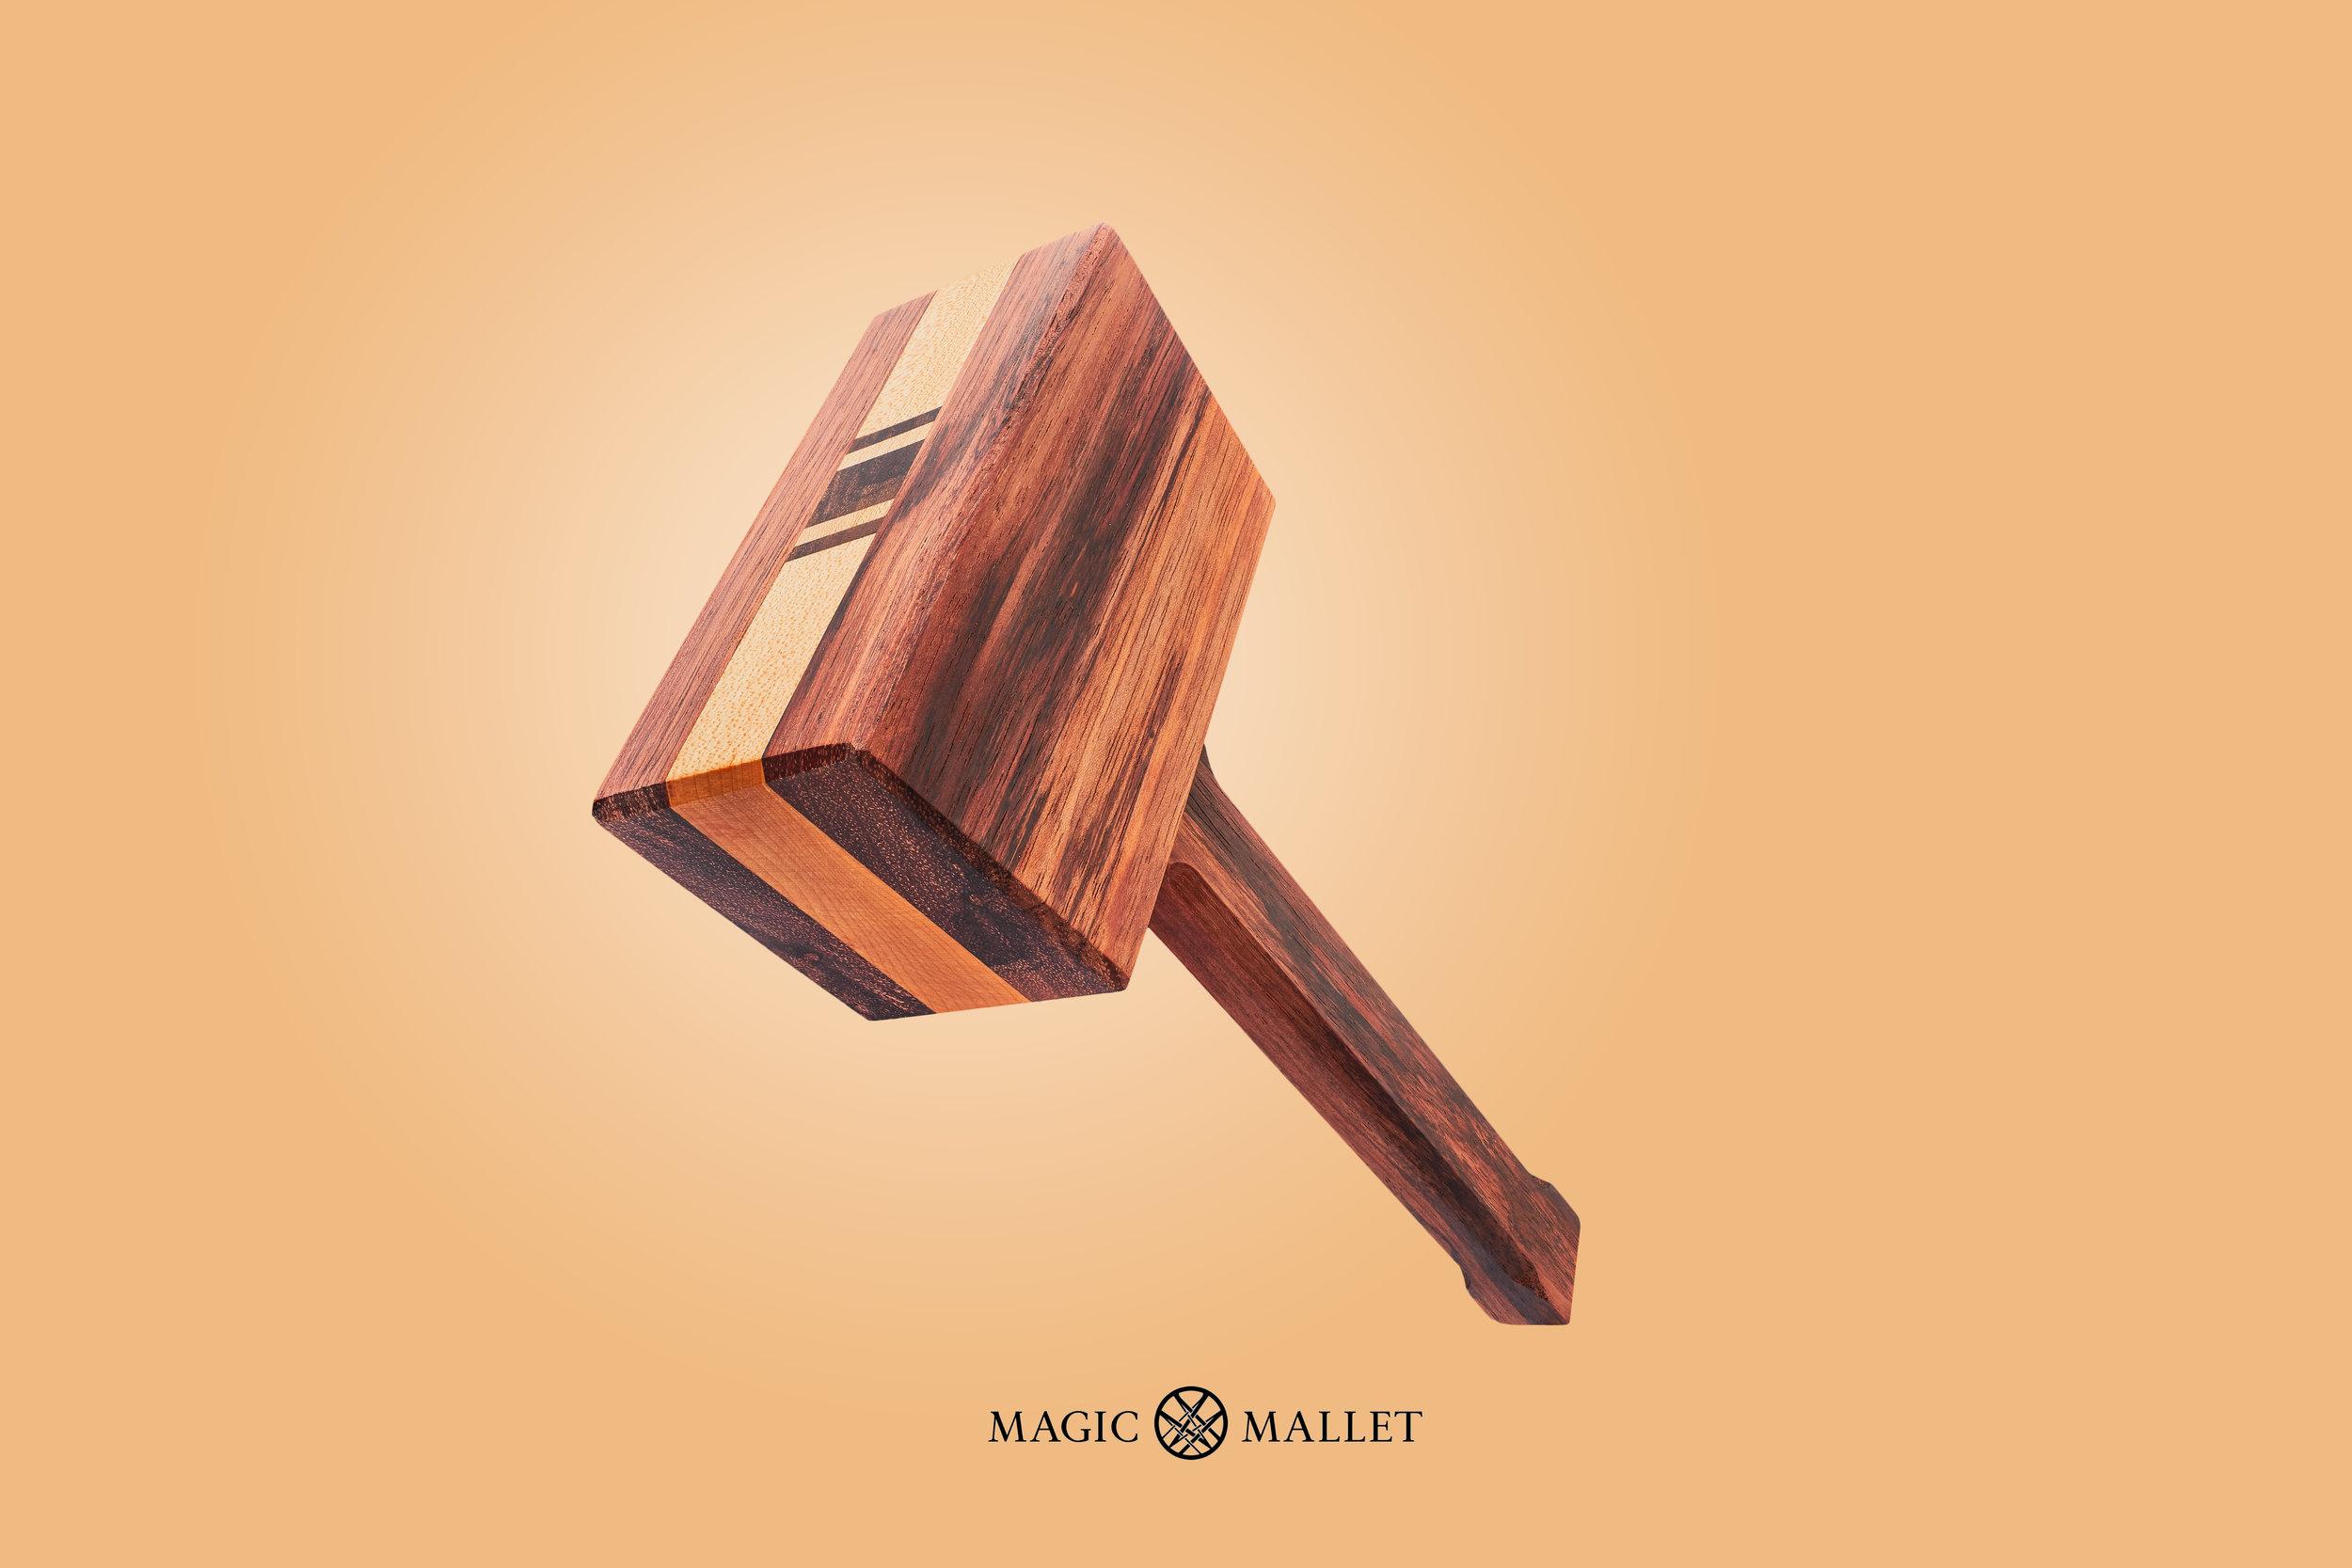 Magic_Mallet_Hero_2018-05-25 12-46-56 (A,Radius8,Smoothing4).jpg